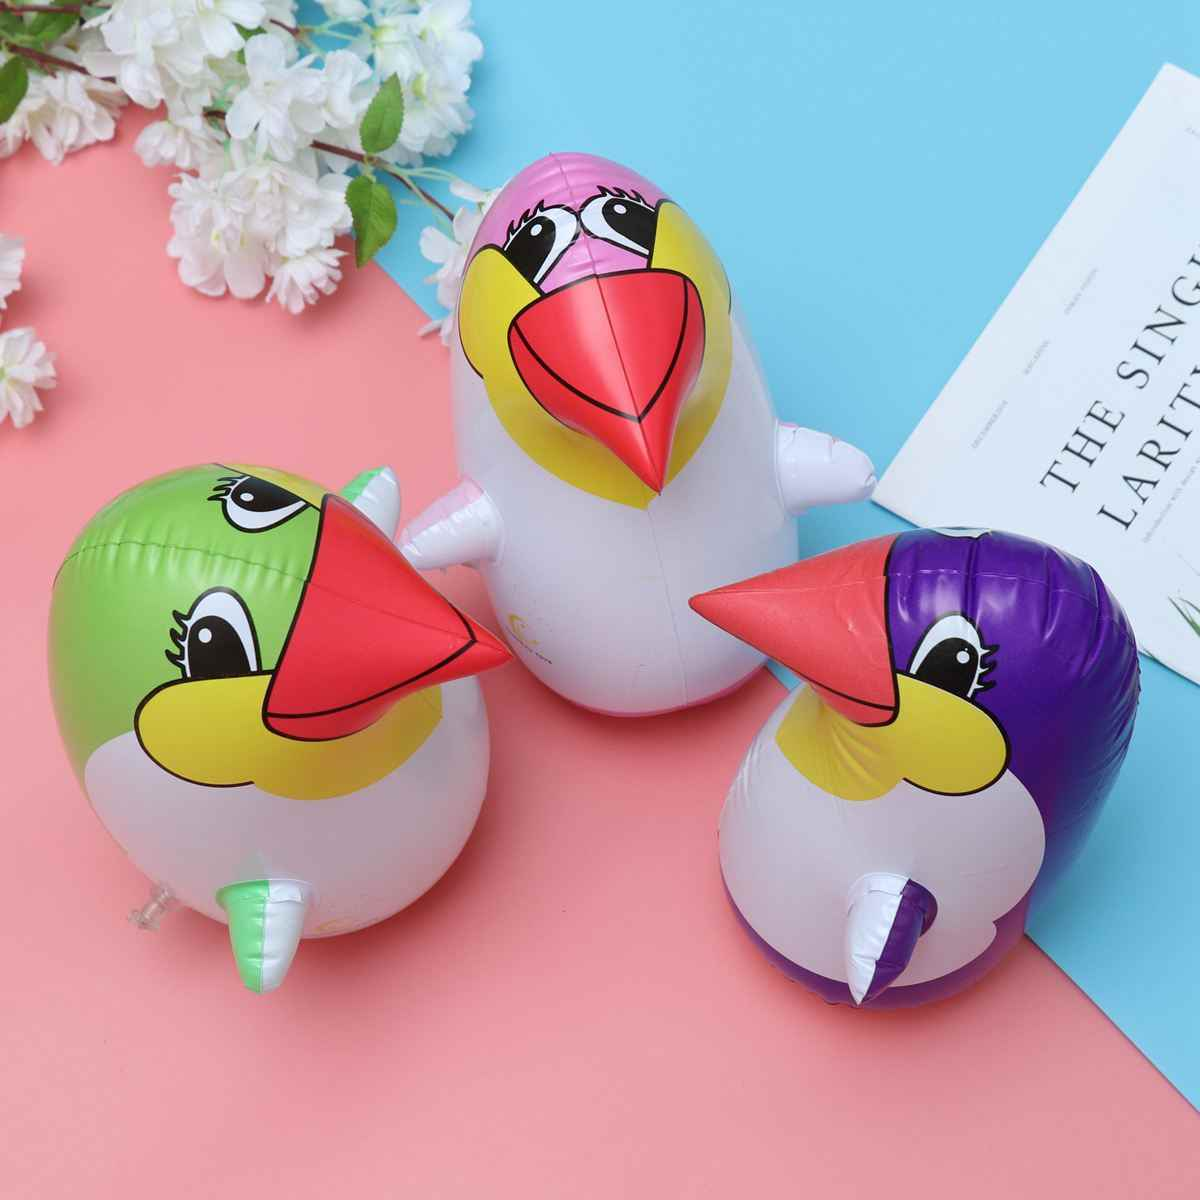 3pcs 22cm de Pancadas Inflável Brinquedo Lifelike Explodir PVC Colorido Pinguim de Brinquedo Acessório Do Partido Para Crianças dos miúdos (cor aleatória)